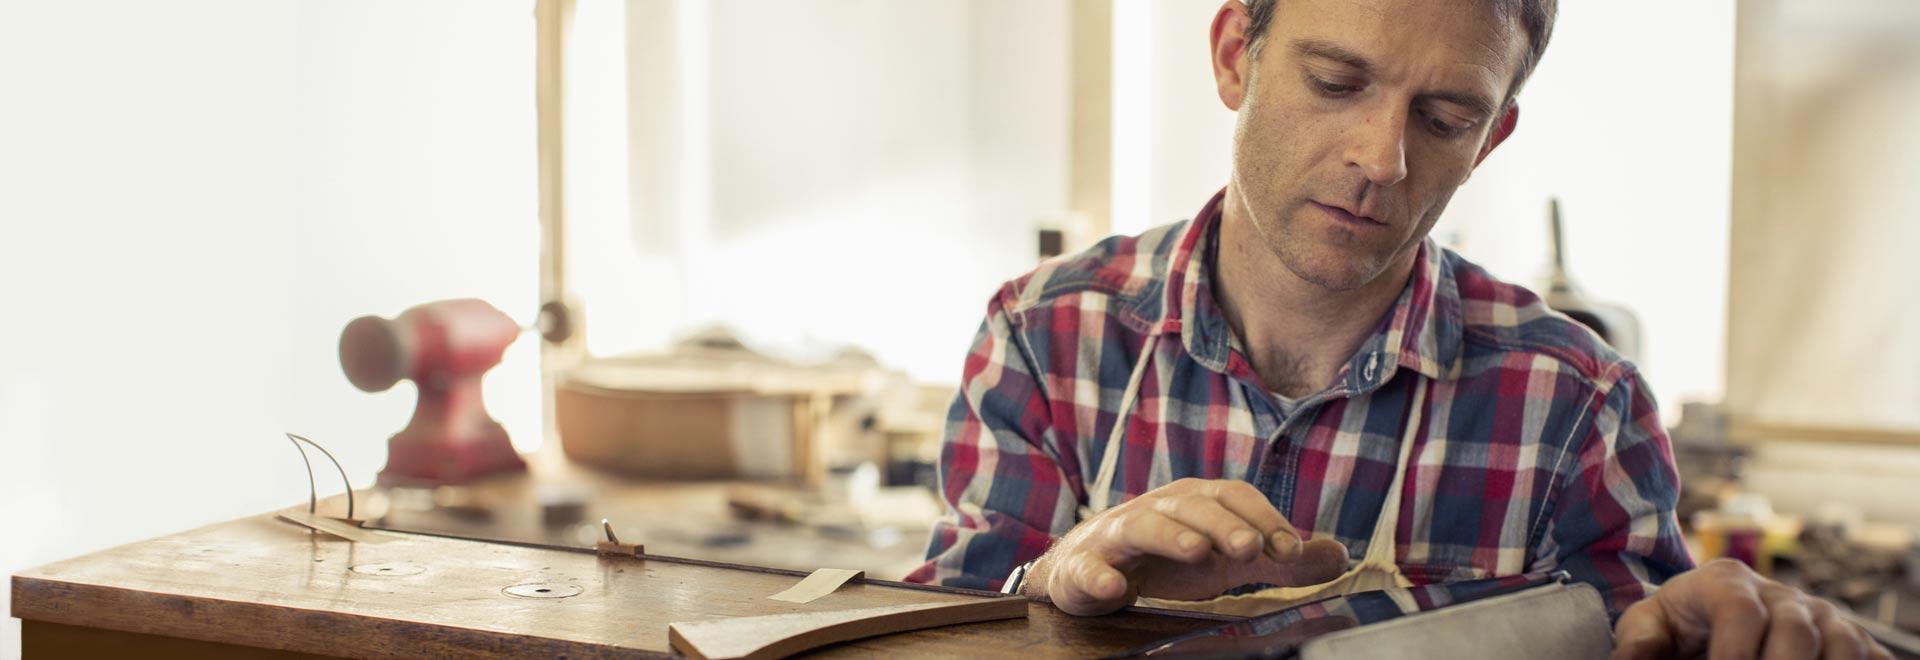 Mies tekee töitä työpajalla tabletillaan, jossa on Office 365 Business